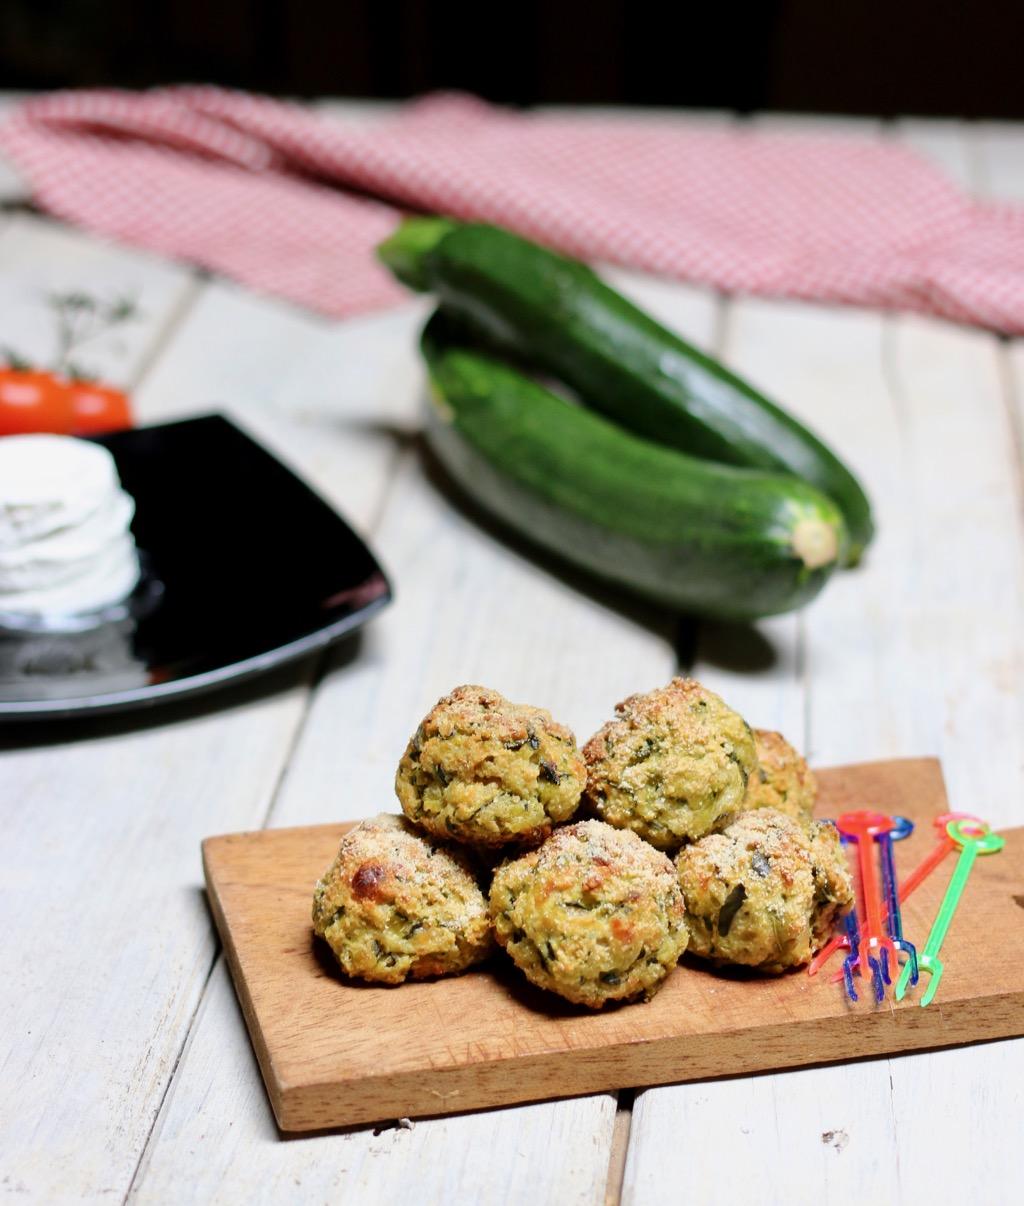 polpettine al forno con zucchine e robiola